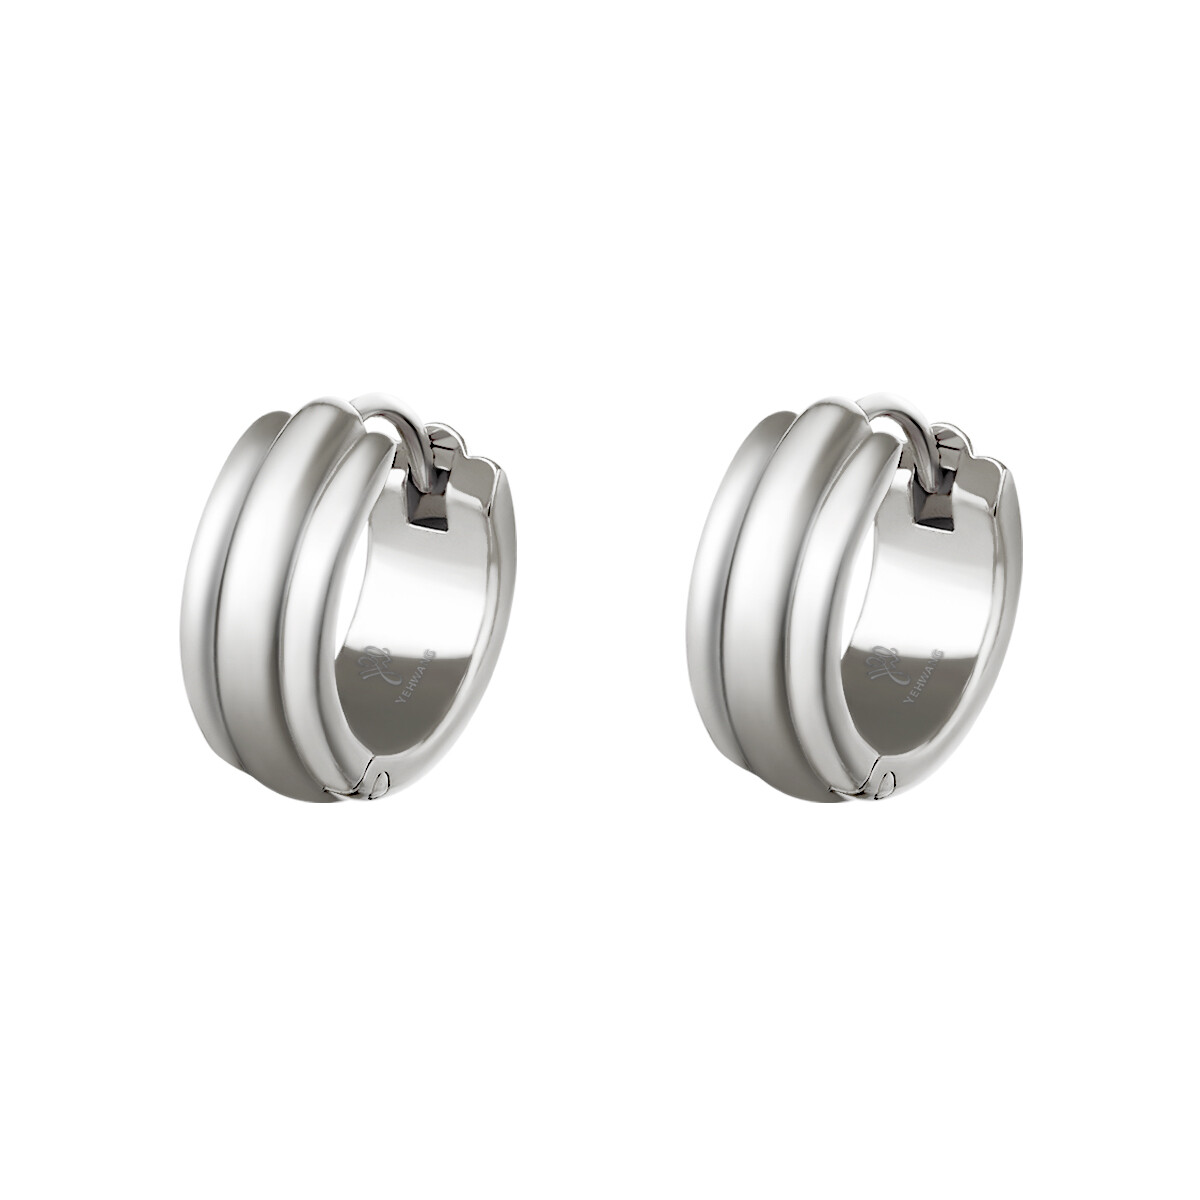 Lijntjes oorbellen zilver stainless steel